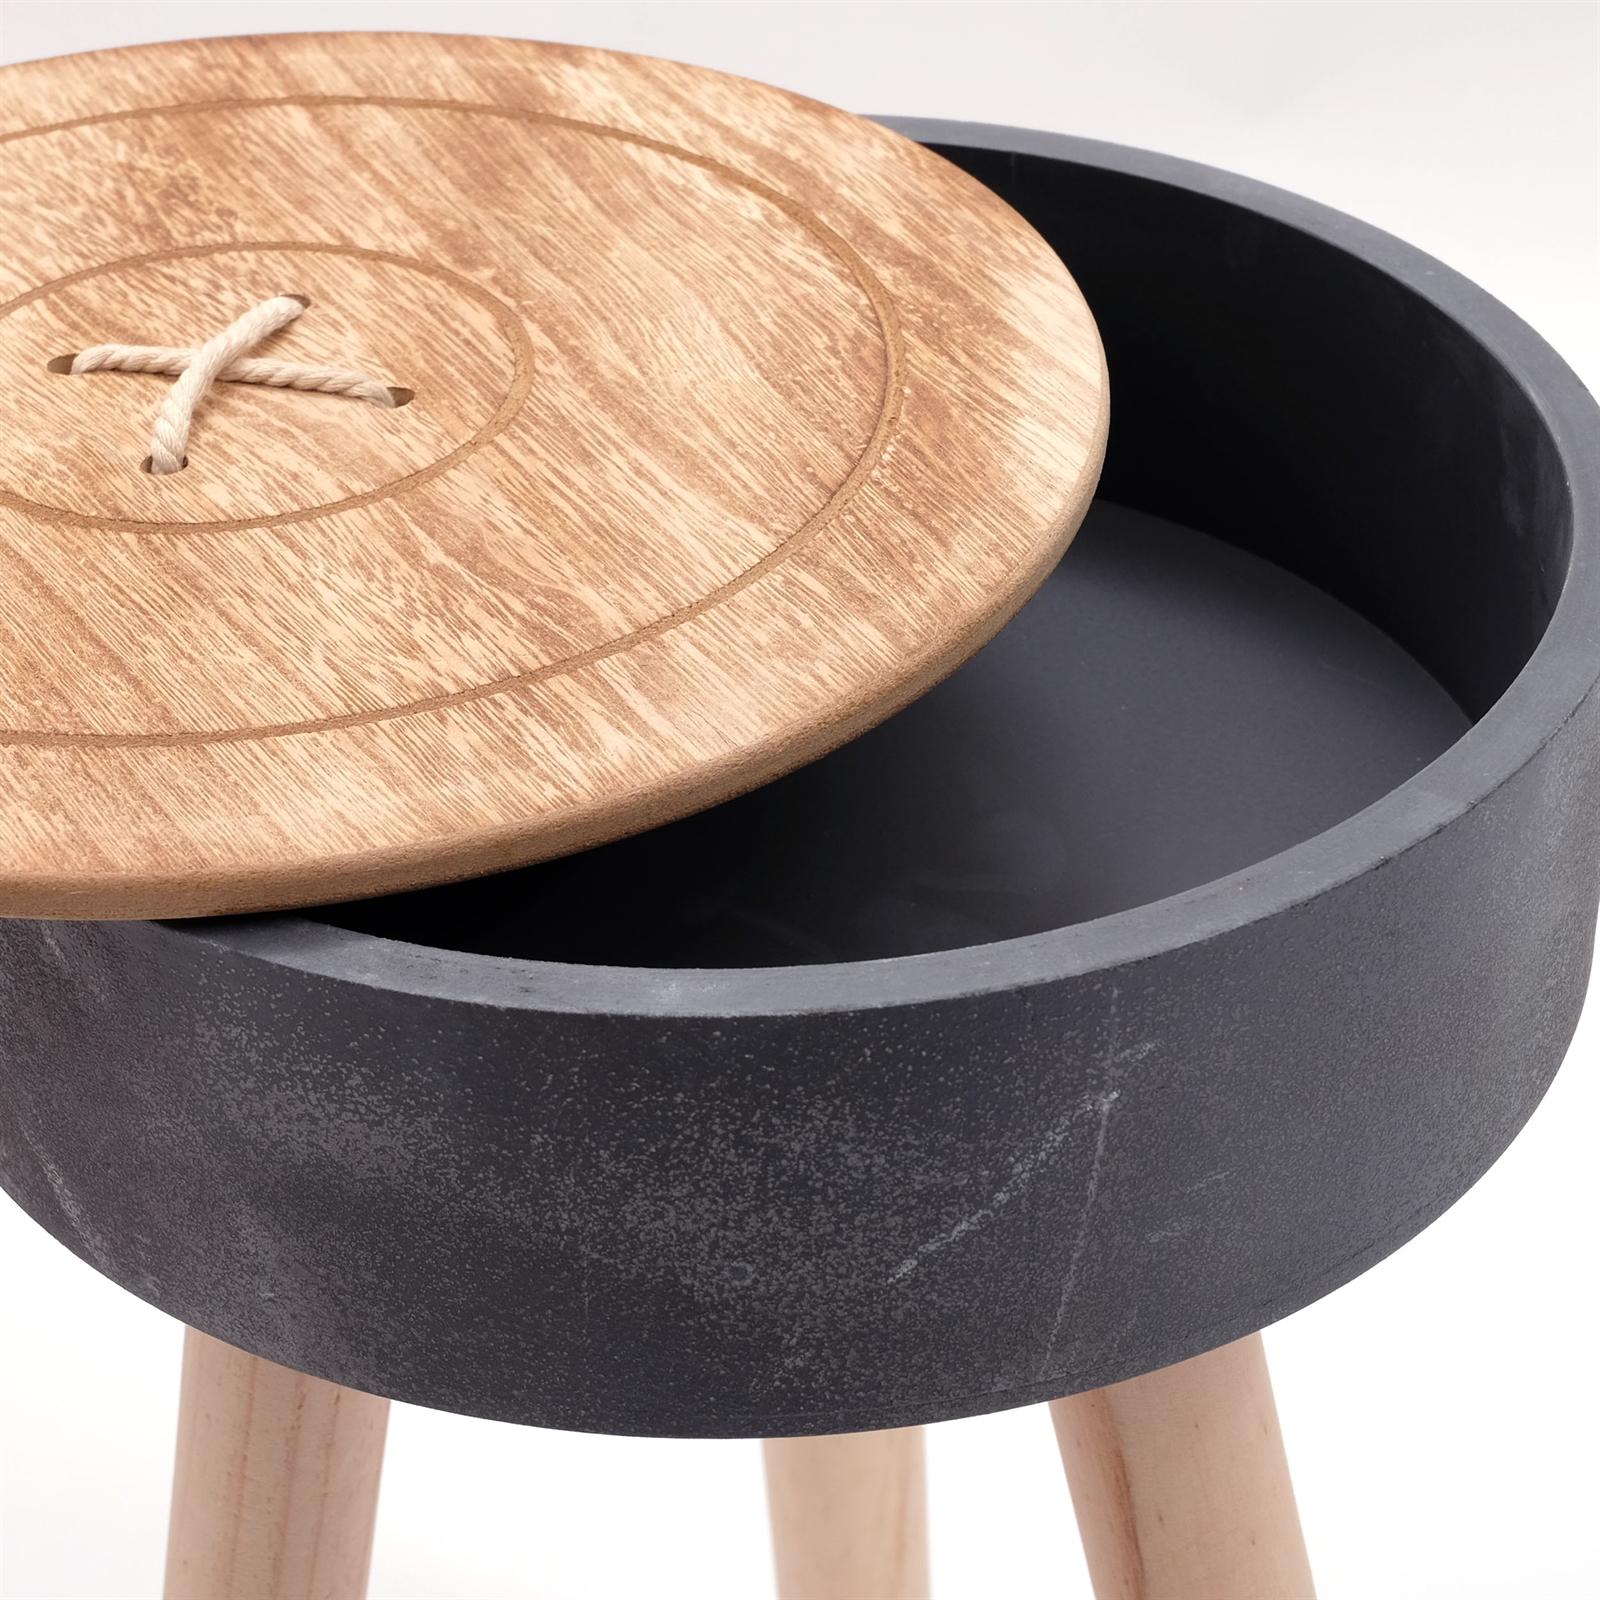 kare design holztisch button natur schwarz h48 5 33 cm beistelltisch 81054 ebay. Black Bedroom Furniture Sets. Home Design Ideas